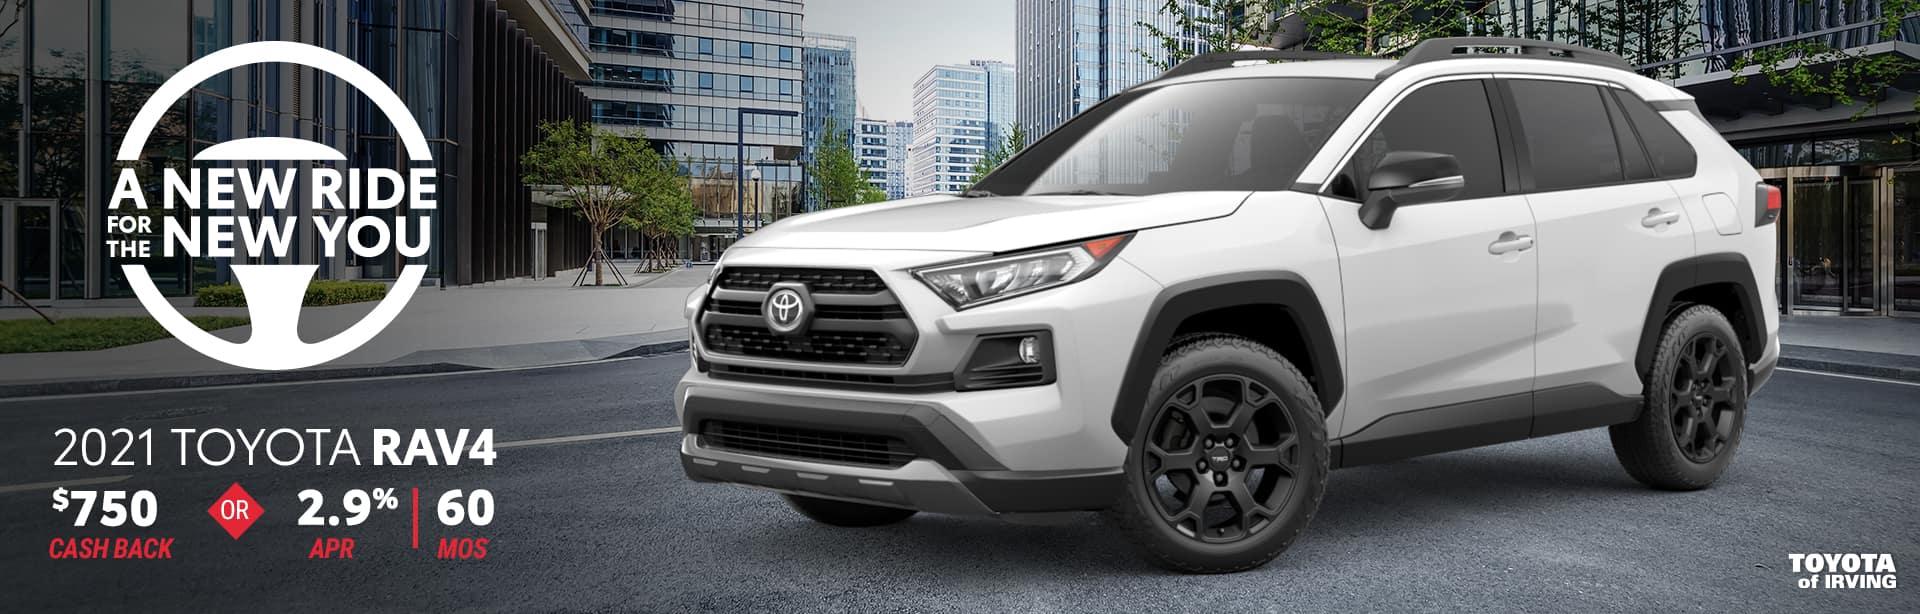 2021 Toyota Rav4 Offer